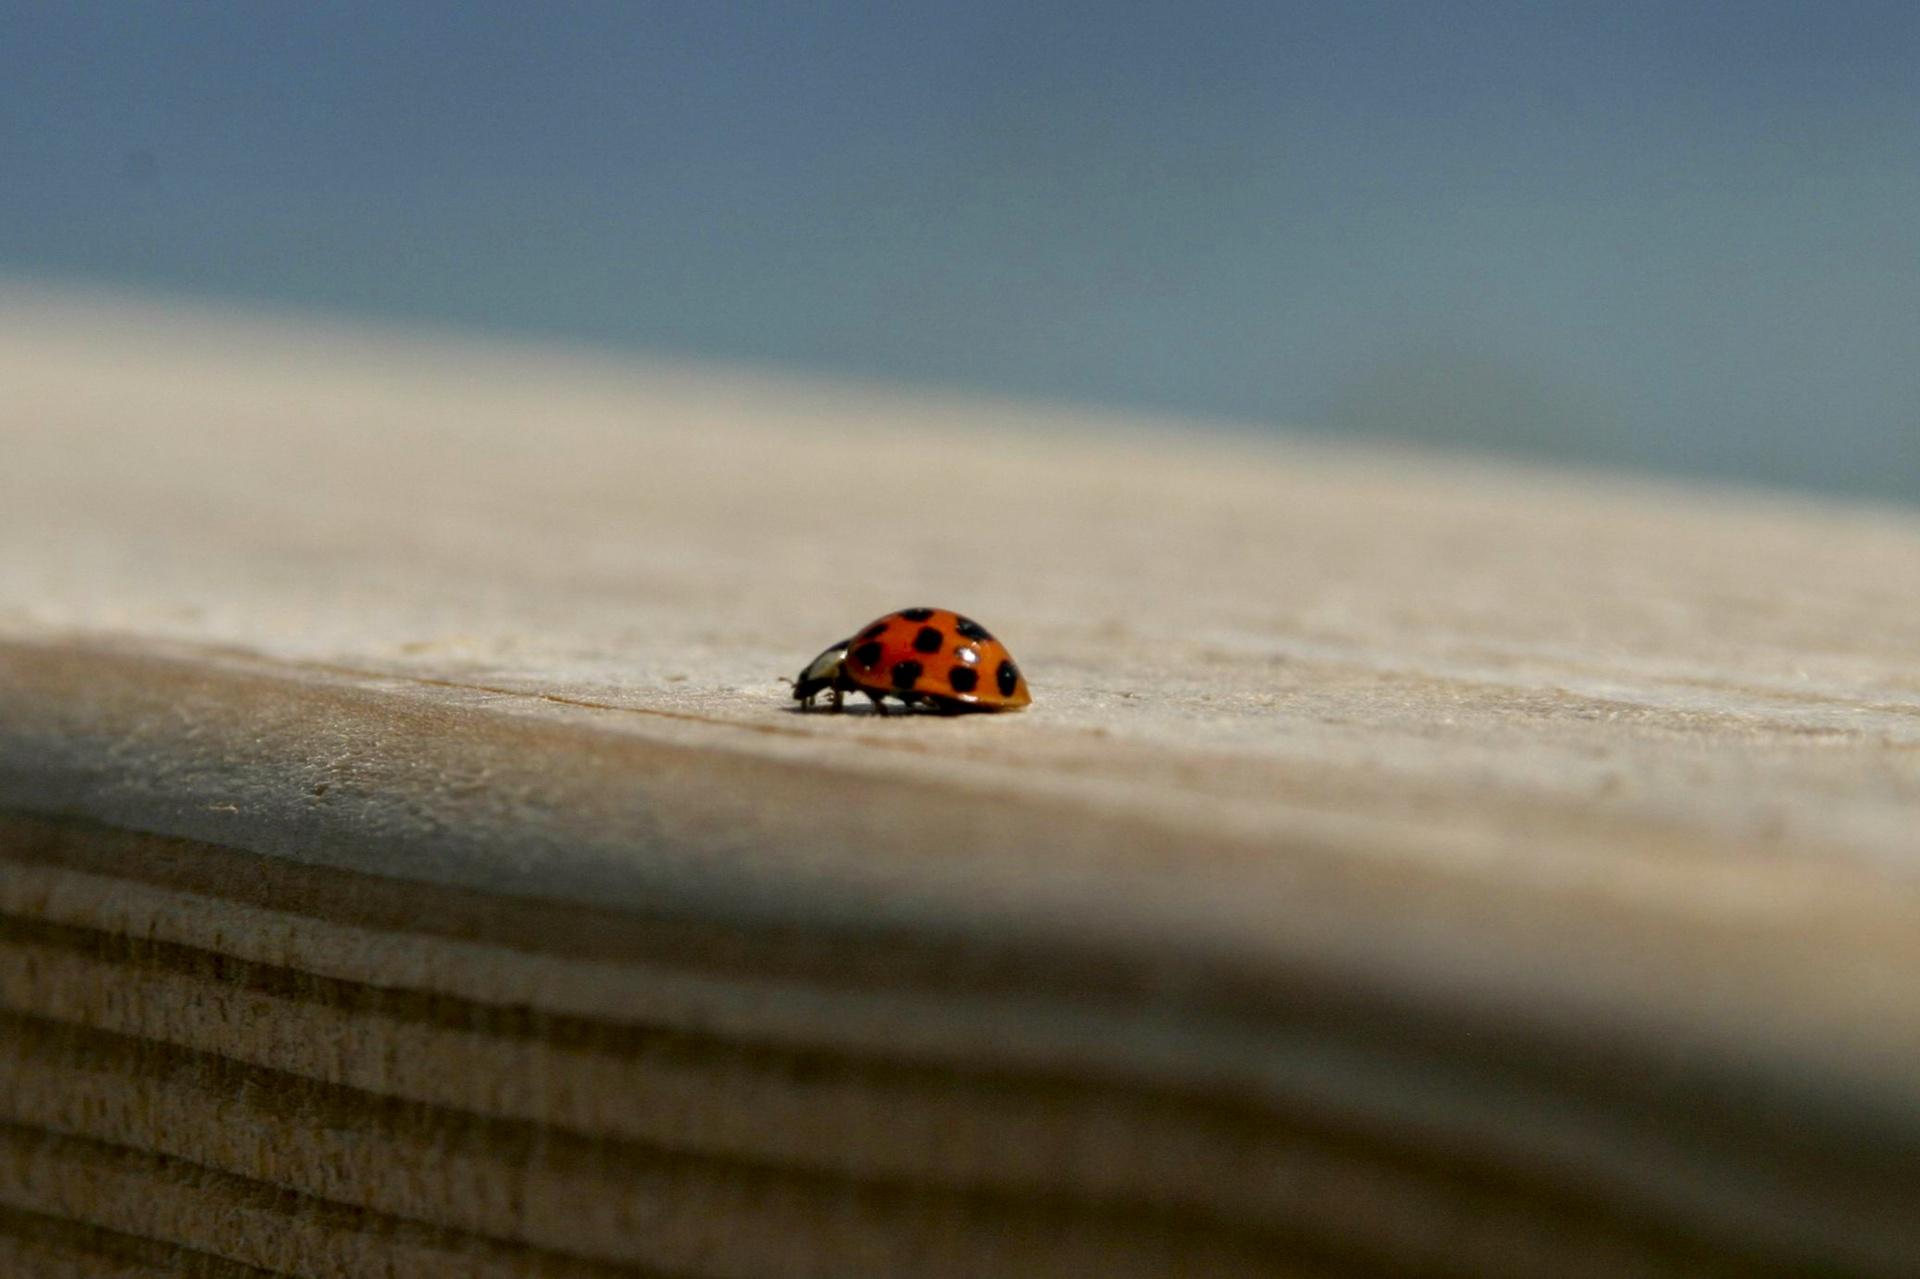 Nahaufnahme eines kleinen Käfers